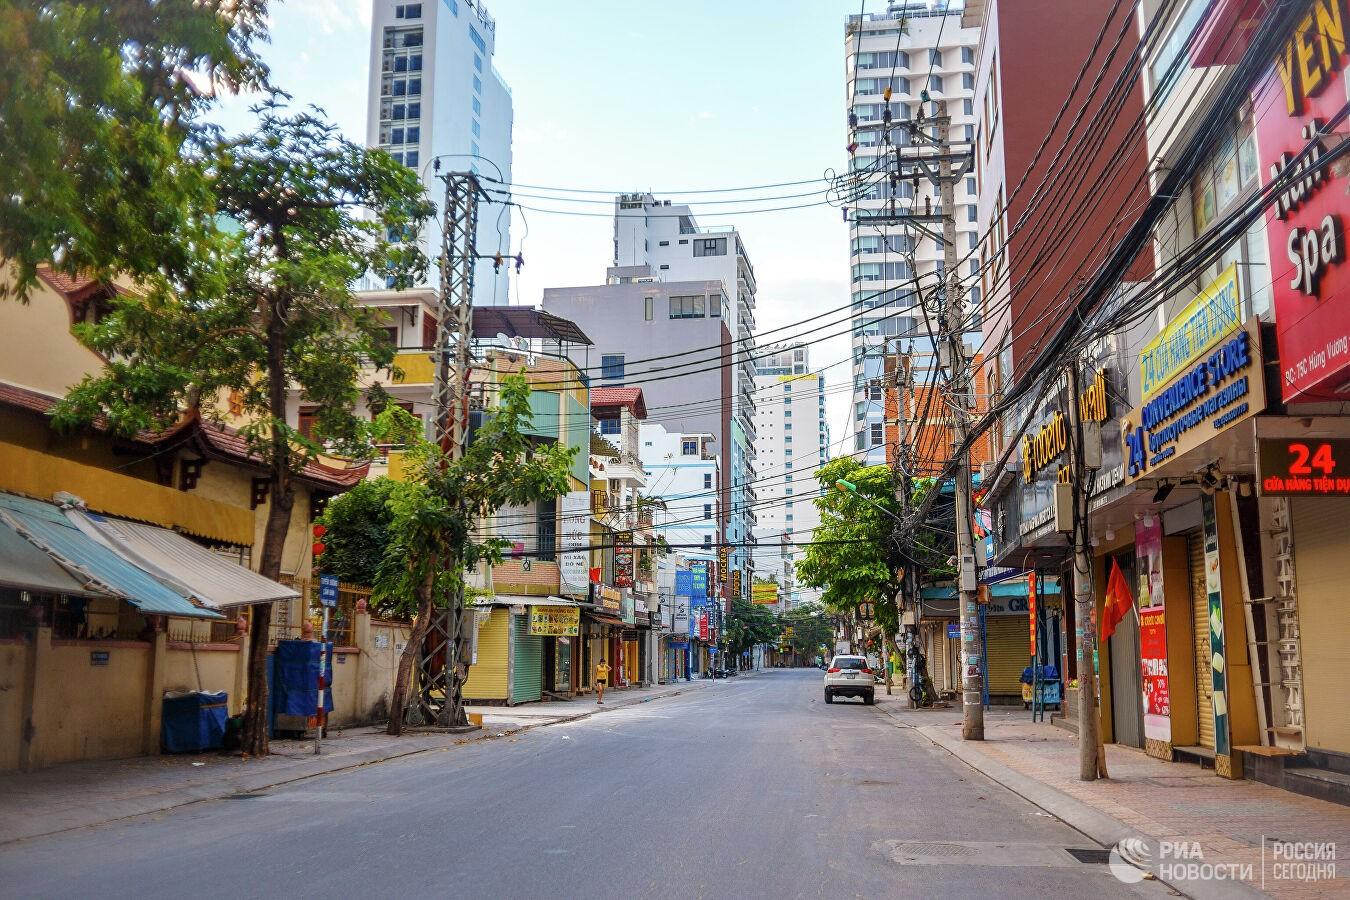 ВОЗ назвала Вьетнам примером для всех стран в борьбе с коронавирусом